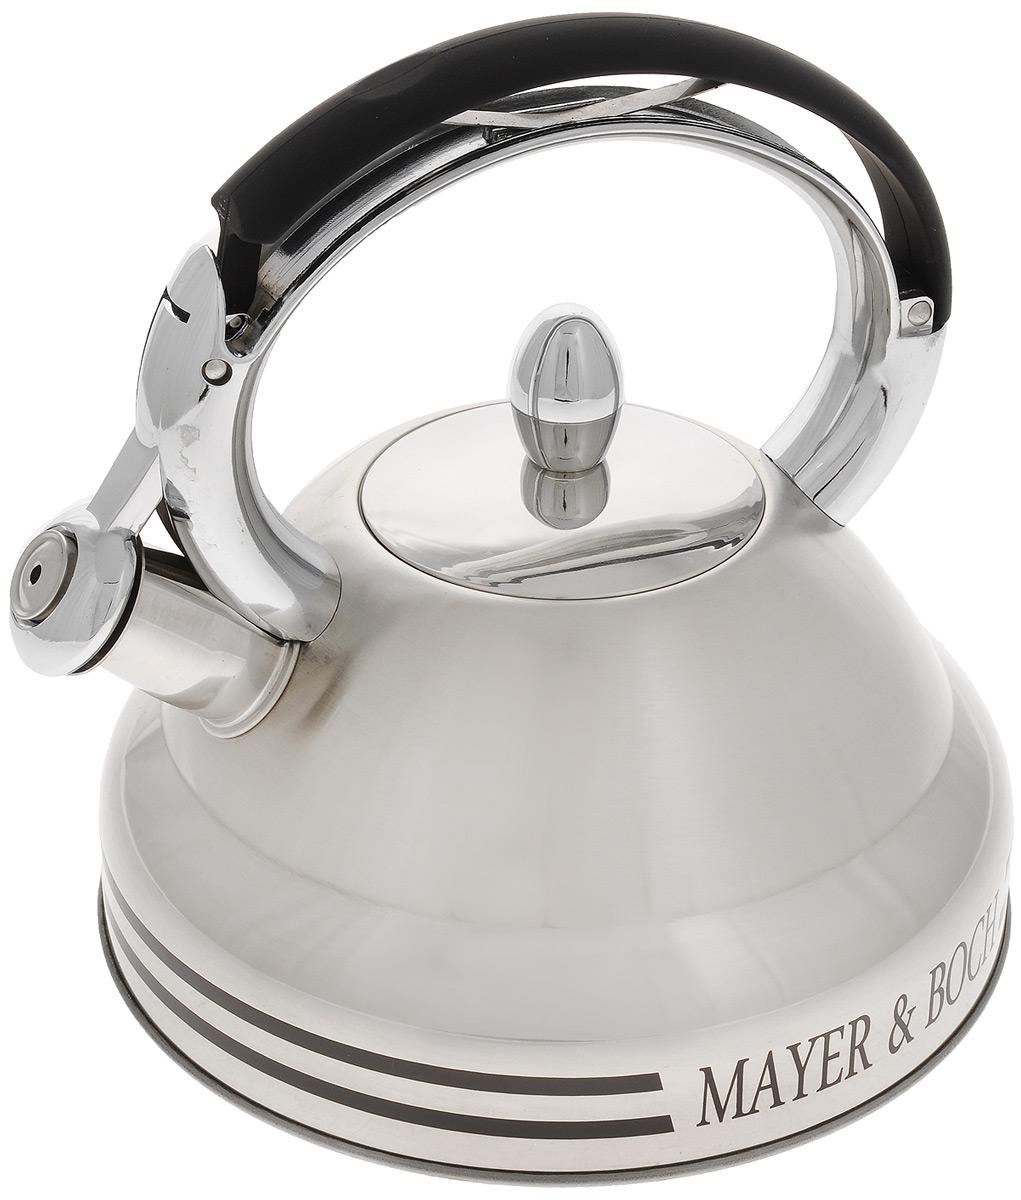 Чайник Mayer & Boch, со свистком, 2,7 л. 2241522415Чайник Mayer & Boch выполнен из нержавеющей стали высокой прочности. При кипячении сохраняет все полезные свойства воды. Весьма гигиеничен и устойчив к износу при длительном использовании. Гладкая и ровная поверхность существенно облегчает уход за посудой. Чайник оснащен свистком, который громко оповестит о закипании воды. Ручка чайника изготовлена из пластика с покрытием Soft-Touch. Такой чайник идеально впишется в интерьер любой кухни и станет замечательным подарком к любому случаю. Подходит для газовой плиты, не подходит для индукционной.Диаметр чайника (по верхнему краю): 9 см. Высота чайника (с учетом ручки): 22,5 см.Высота чайника (без учета ручки и крышки): 11 см.